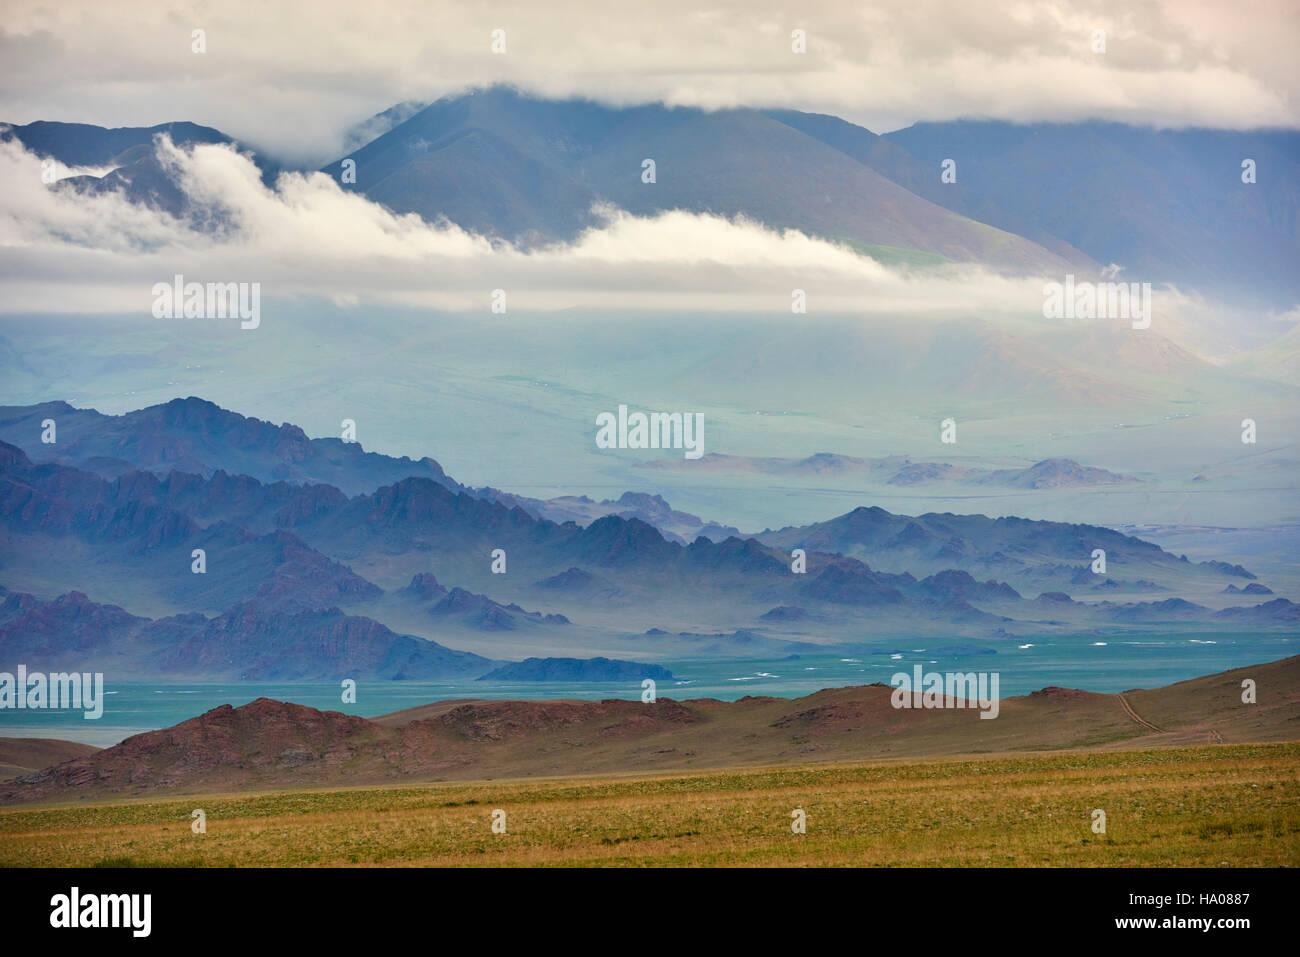 Mongolia, Bayan-Ulgii provincia, oeste de Mongolia, el color de las montañas del Altay Imagen De Stock